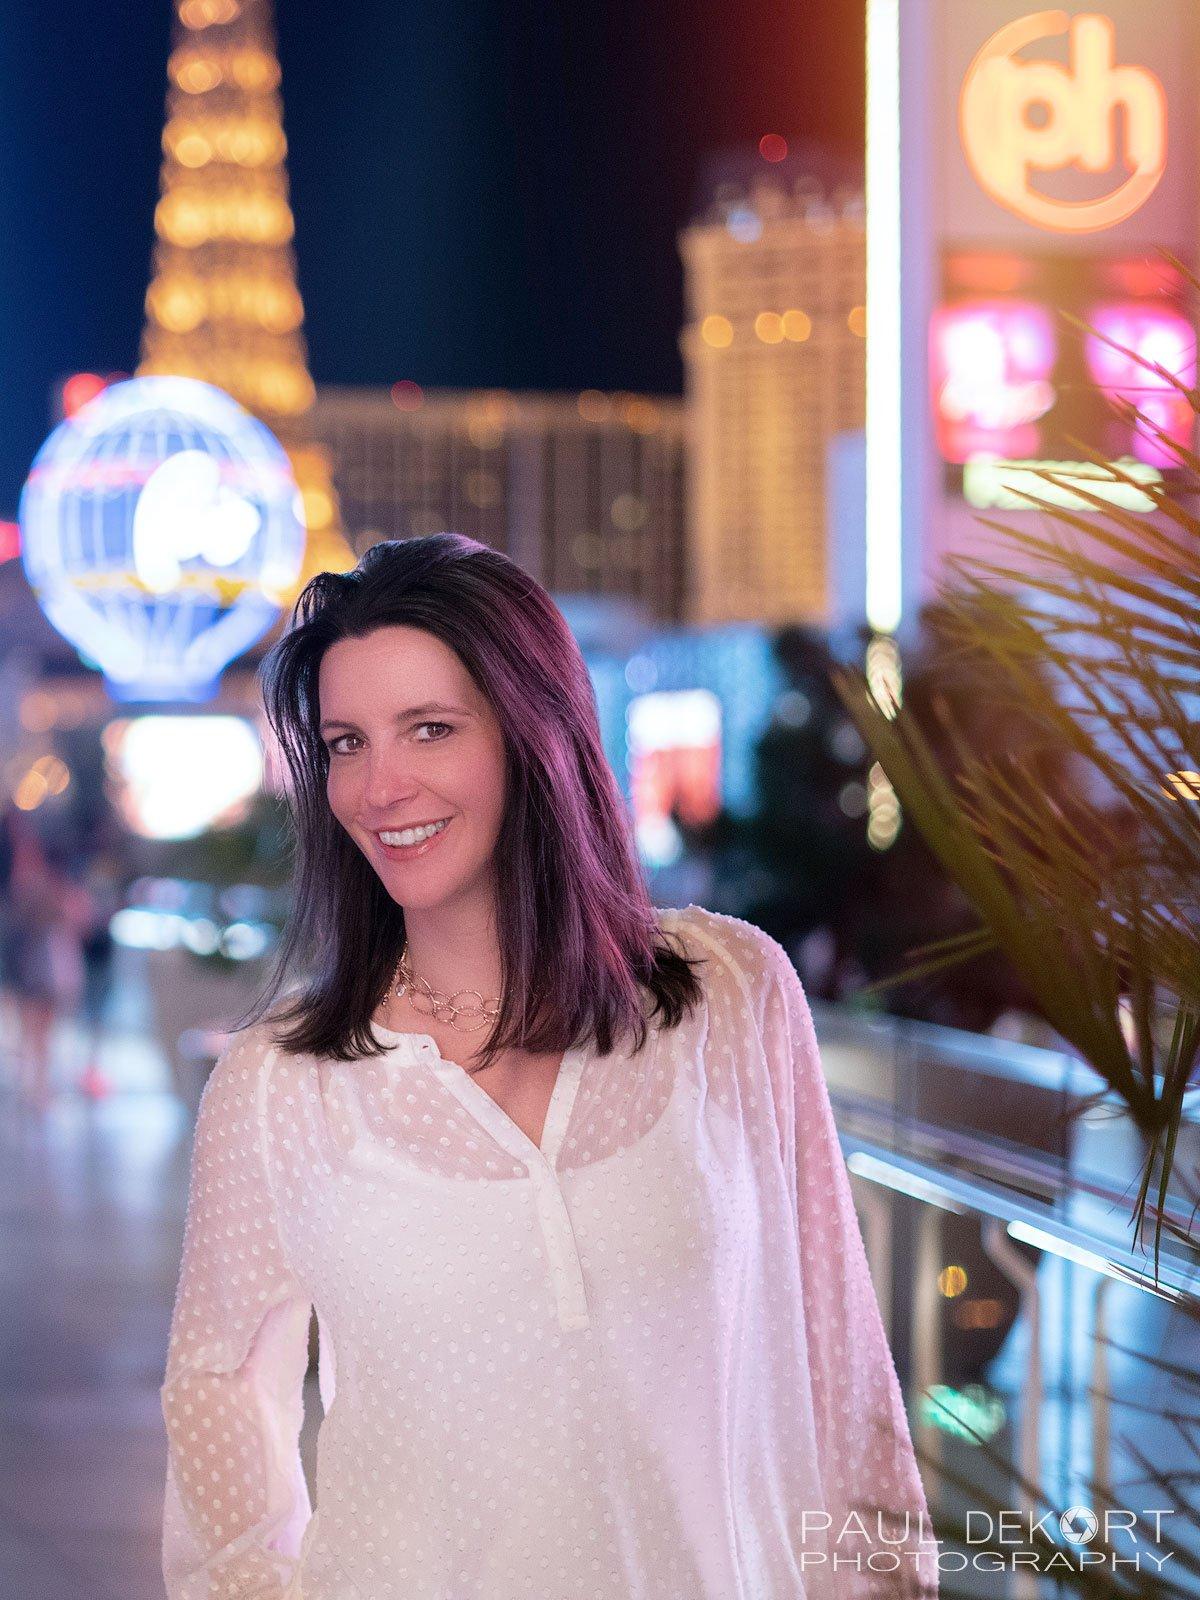 Photo of my Beautiful Wife in Vegas